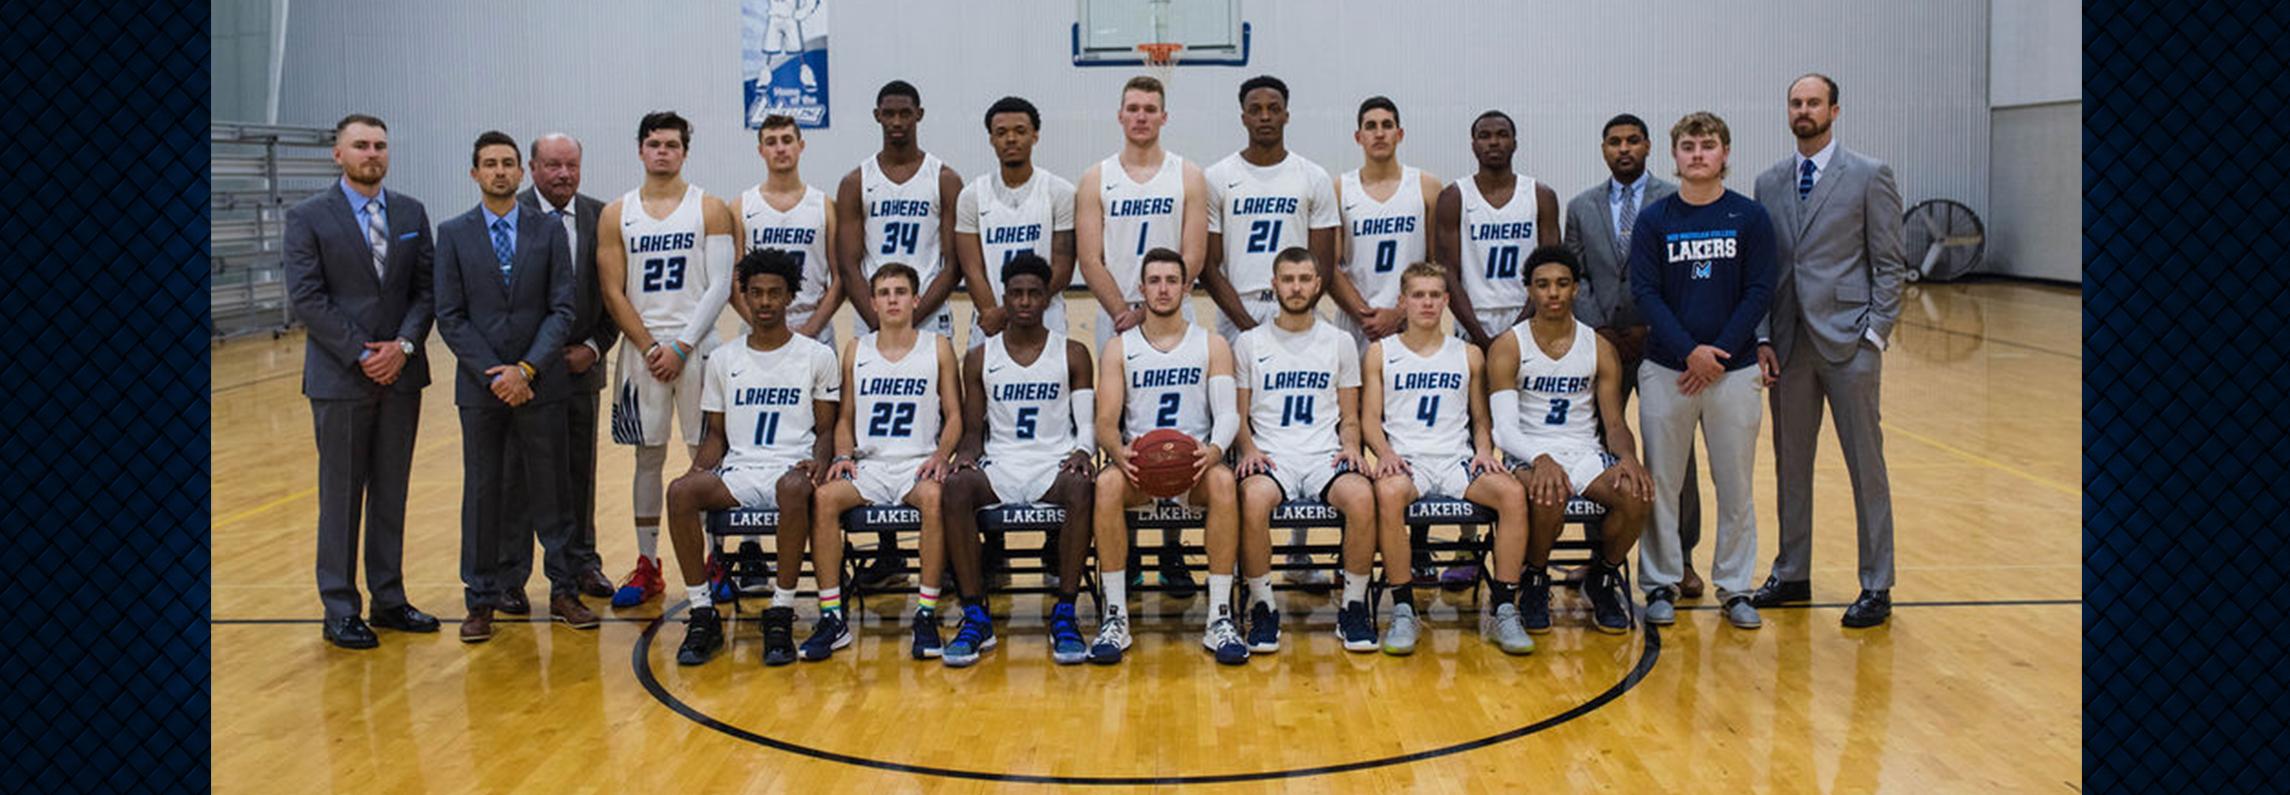 2018-2019 Men's Basketball Team